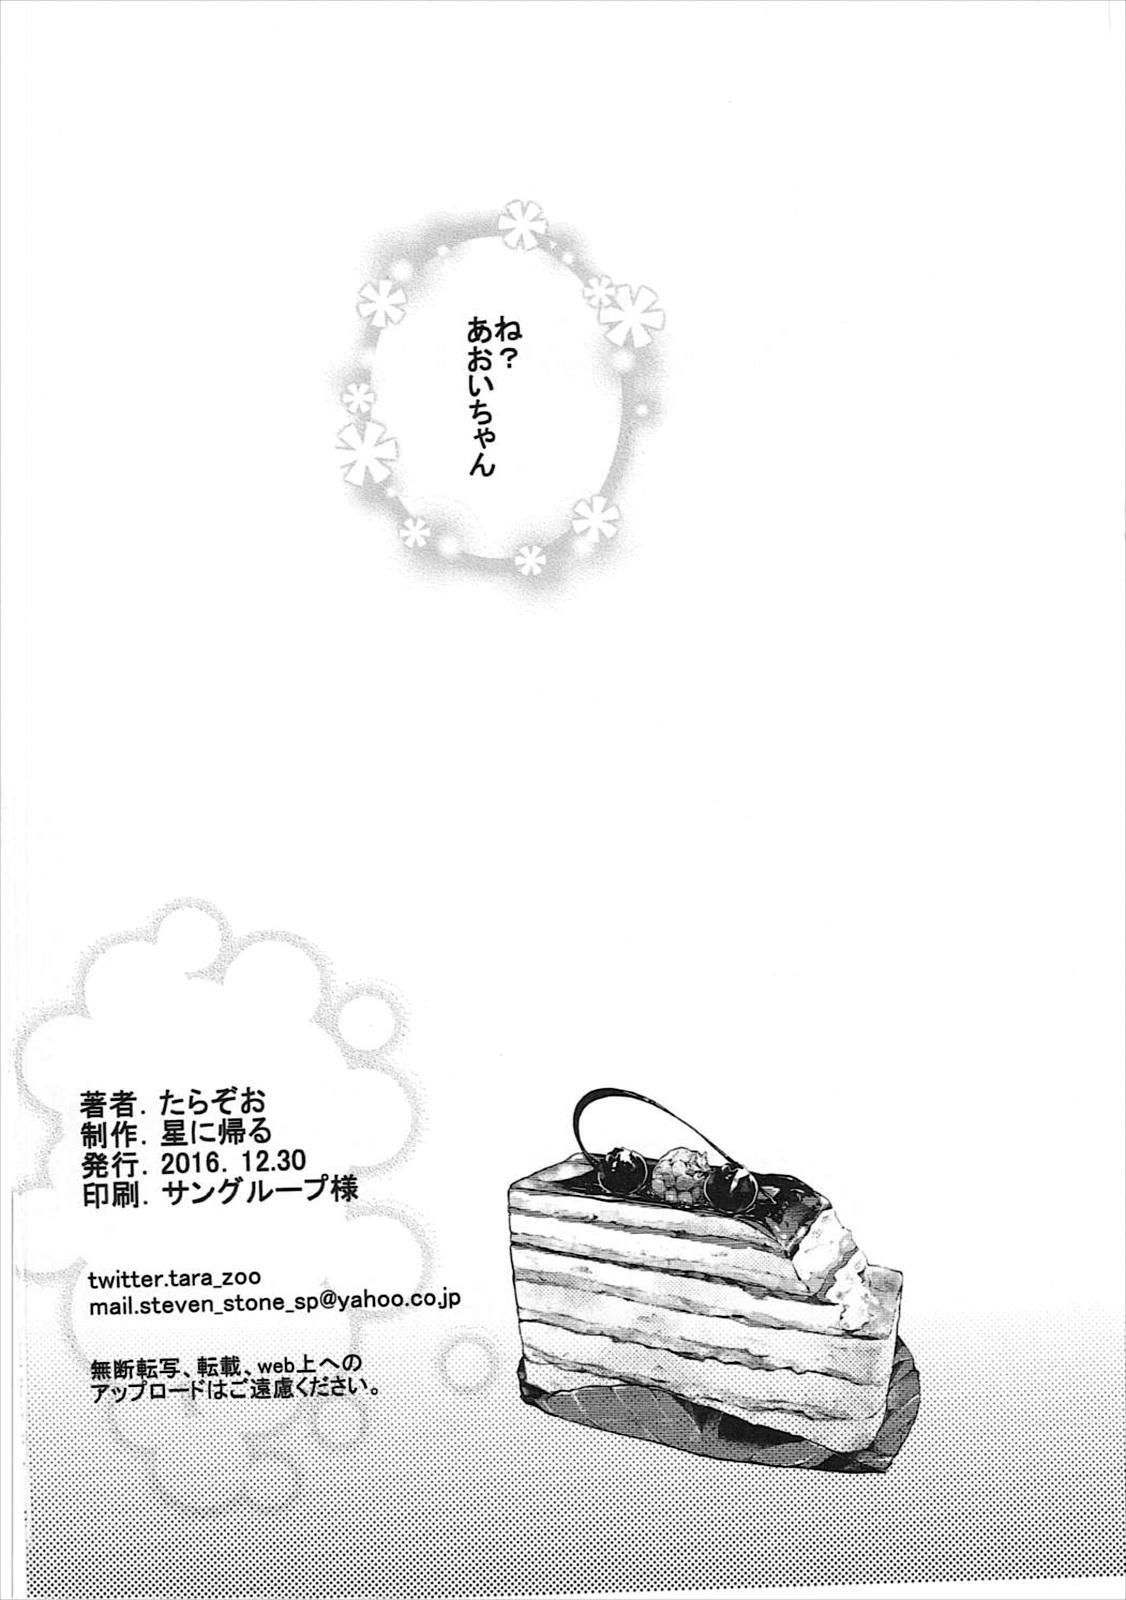 Kimochi Ii Koto Shiyokka? 24